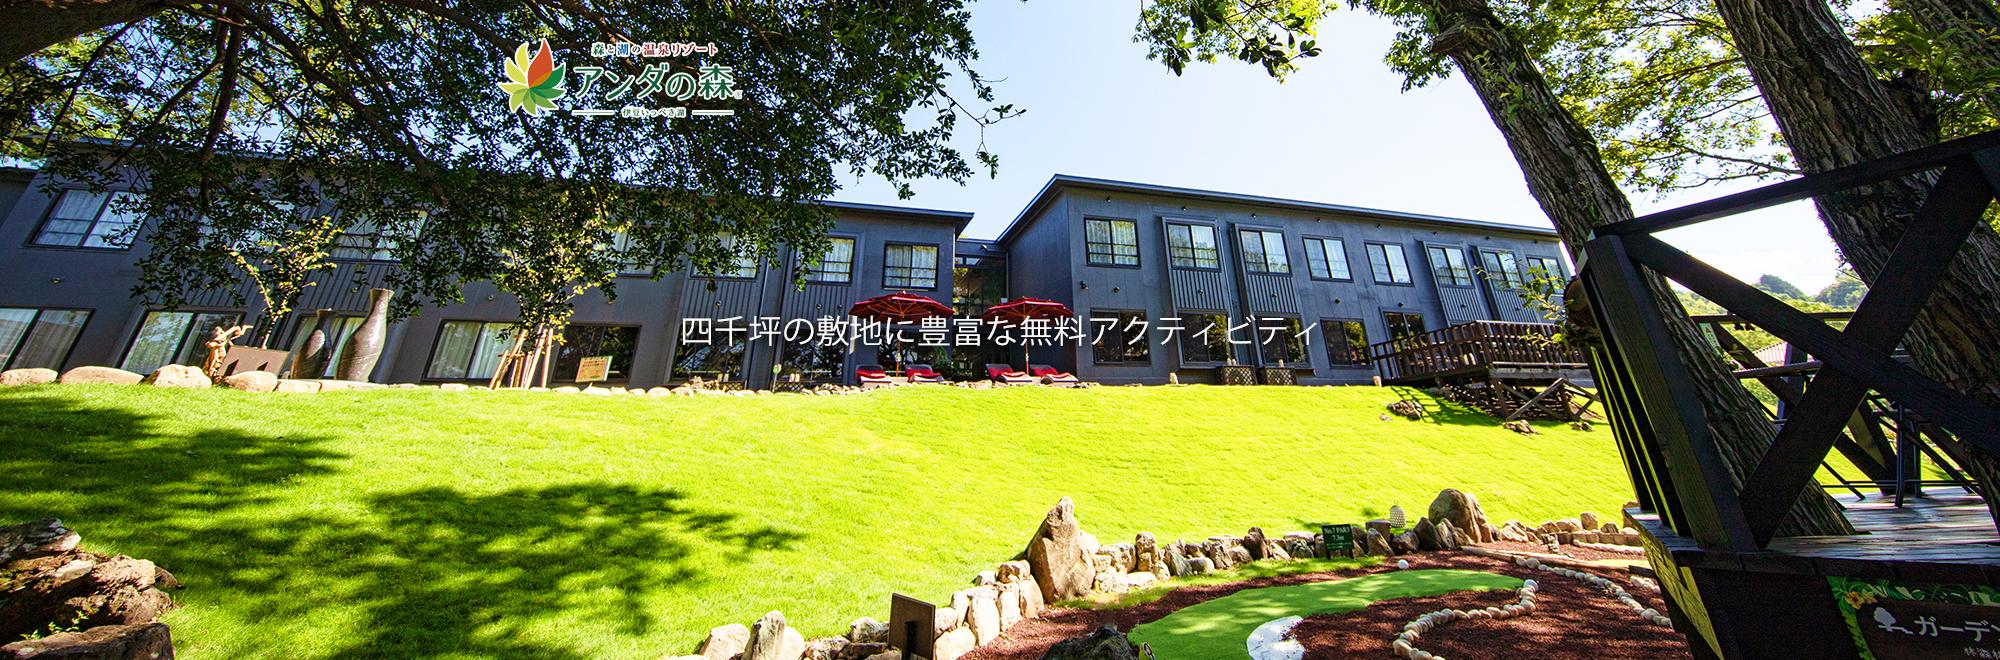 伊豆高原アンダの森 イメージ